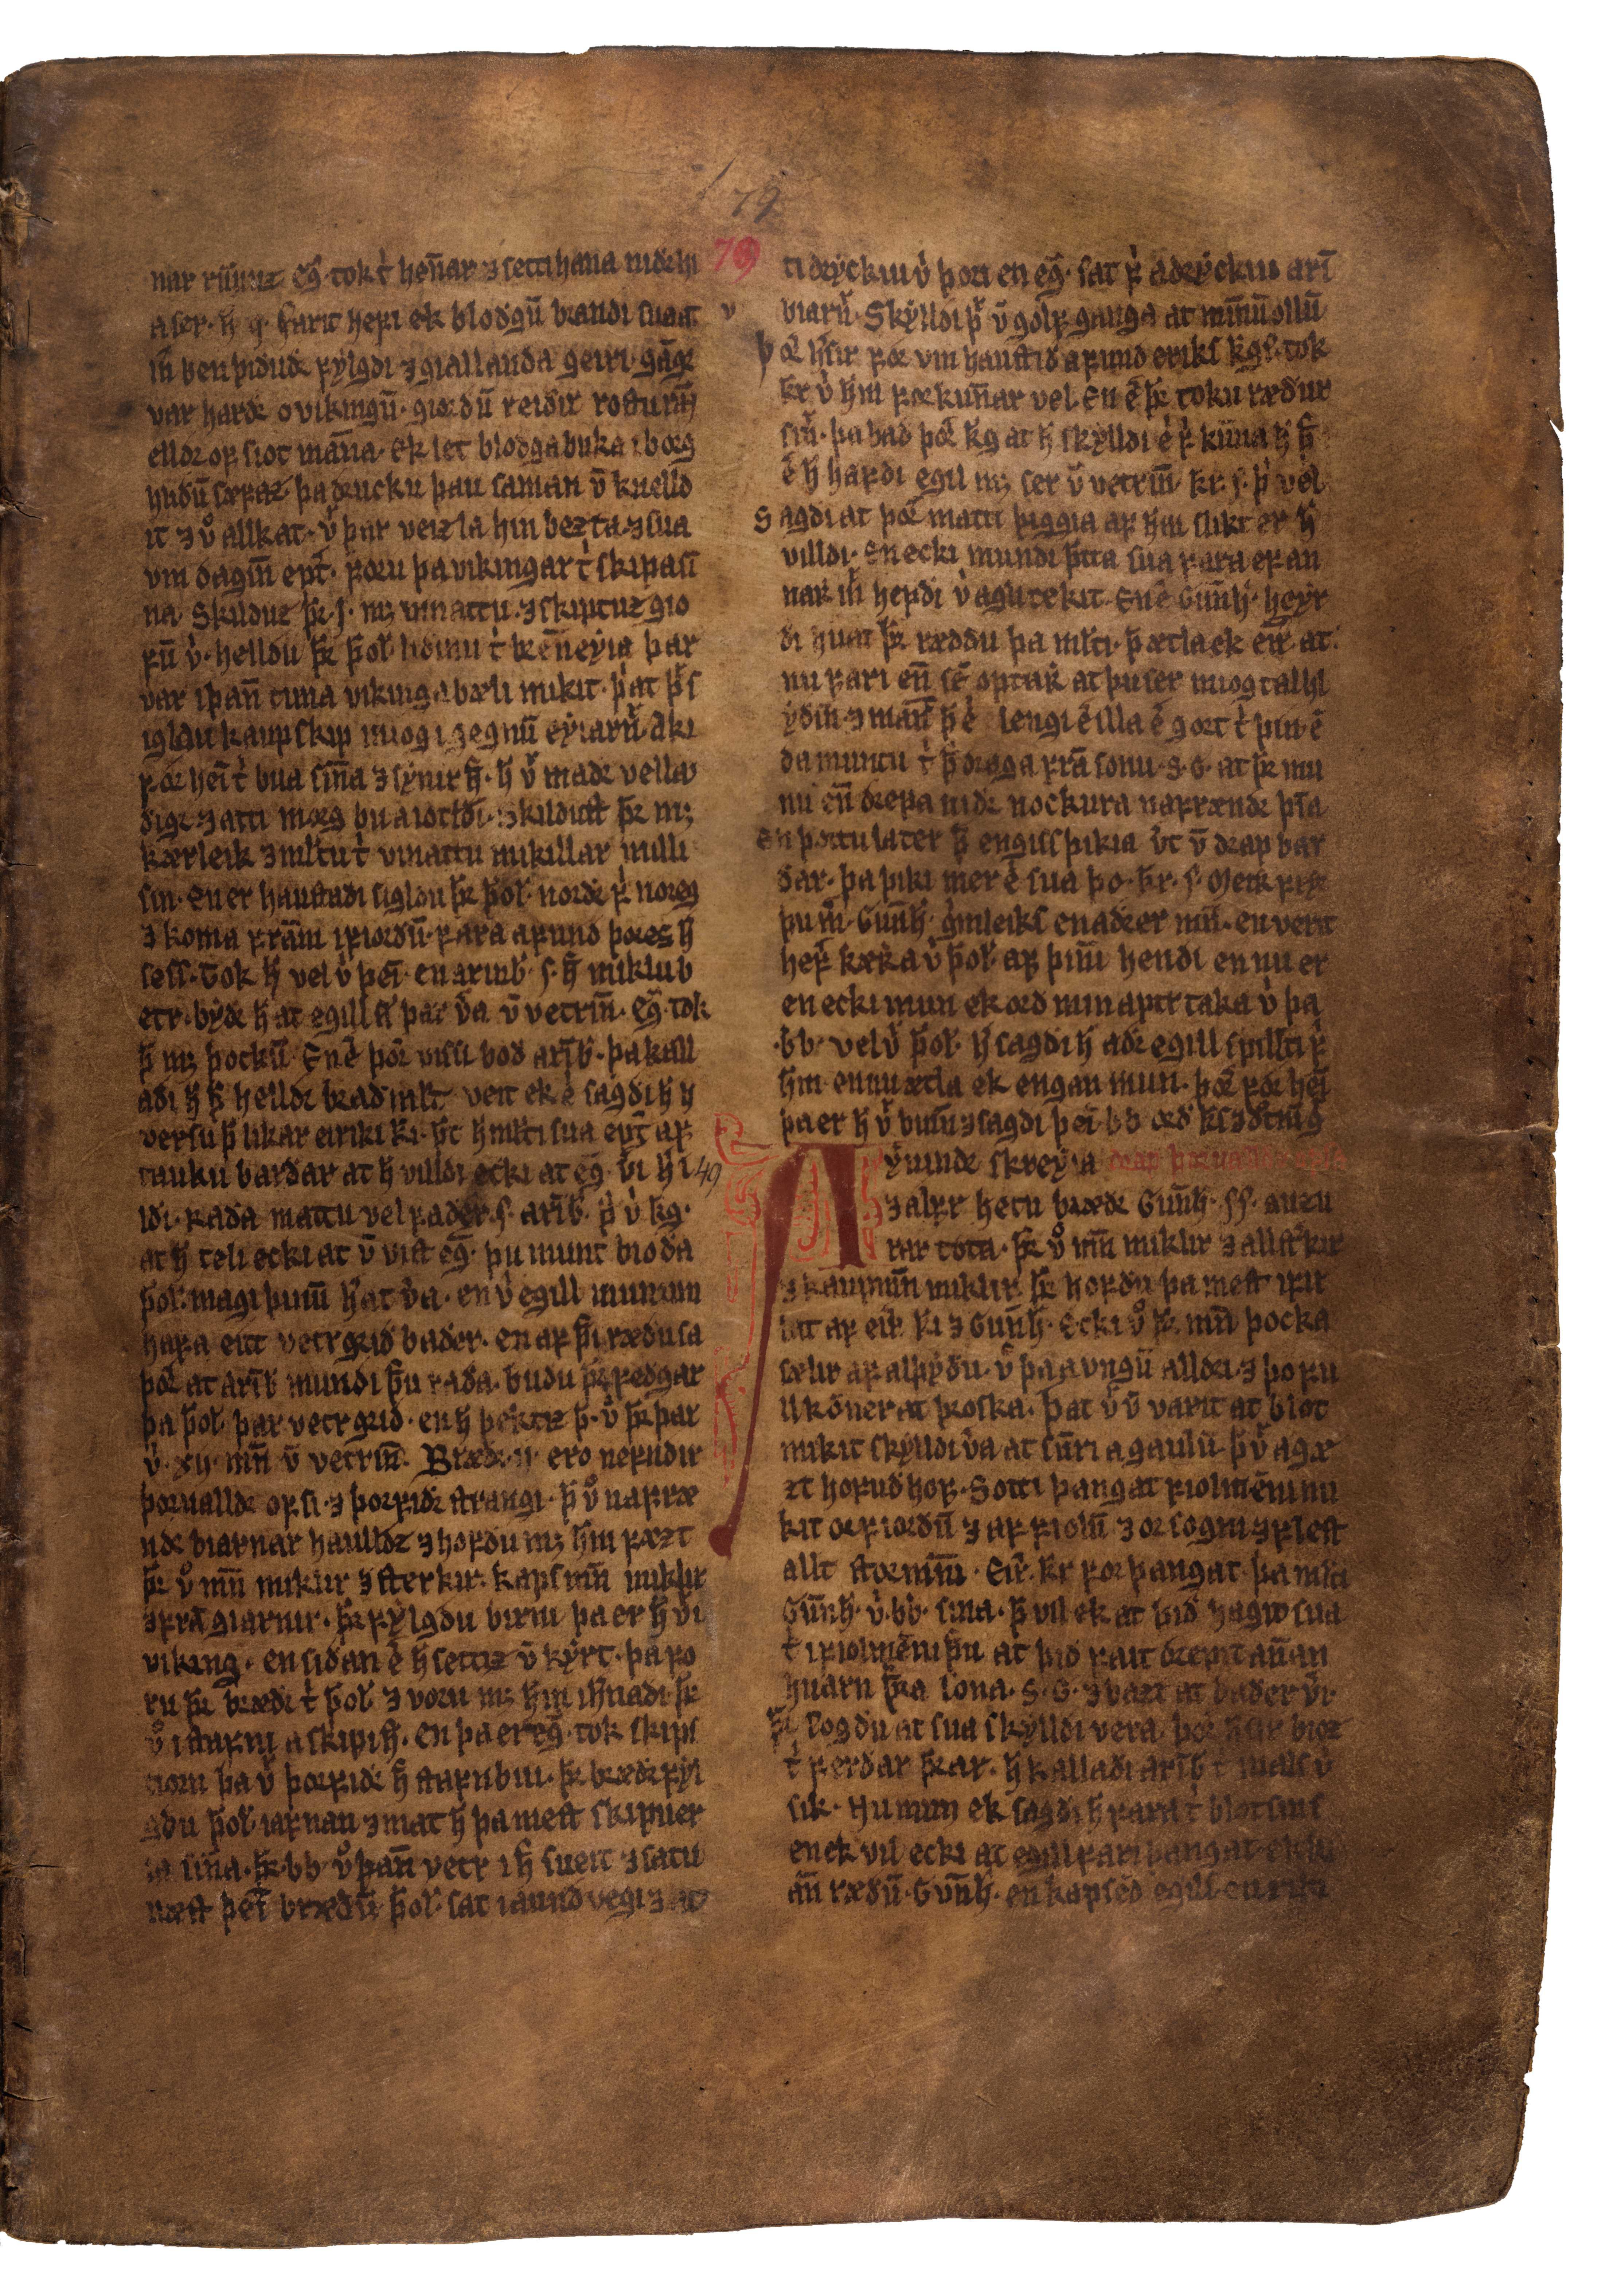 AM 132 fol - 79r